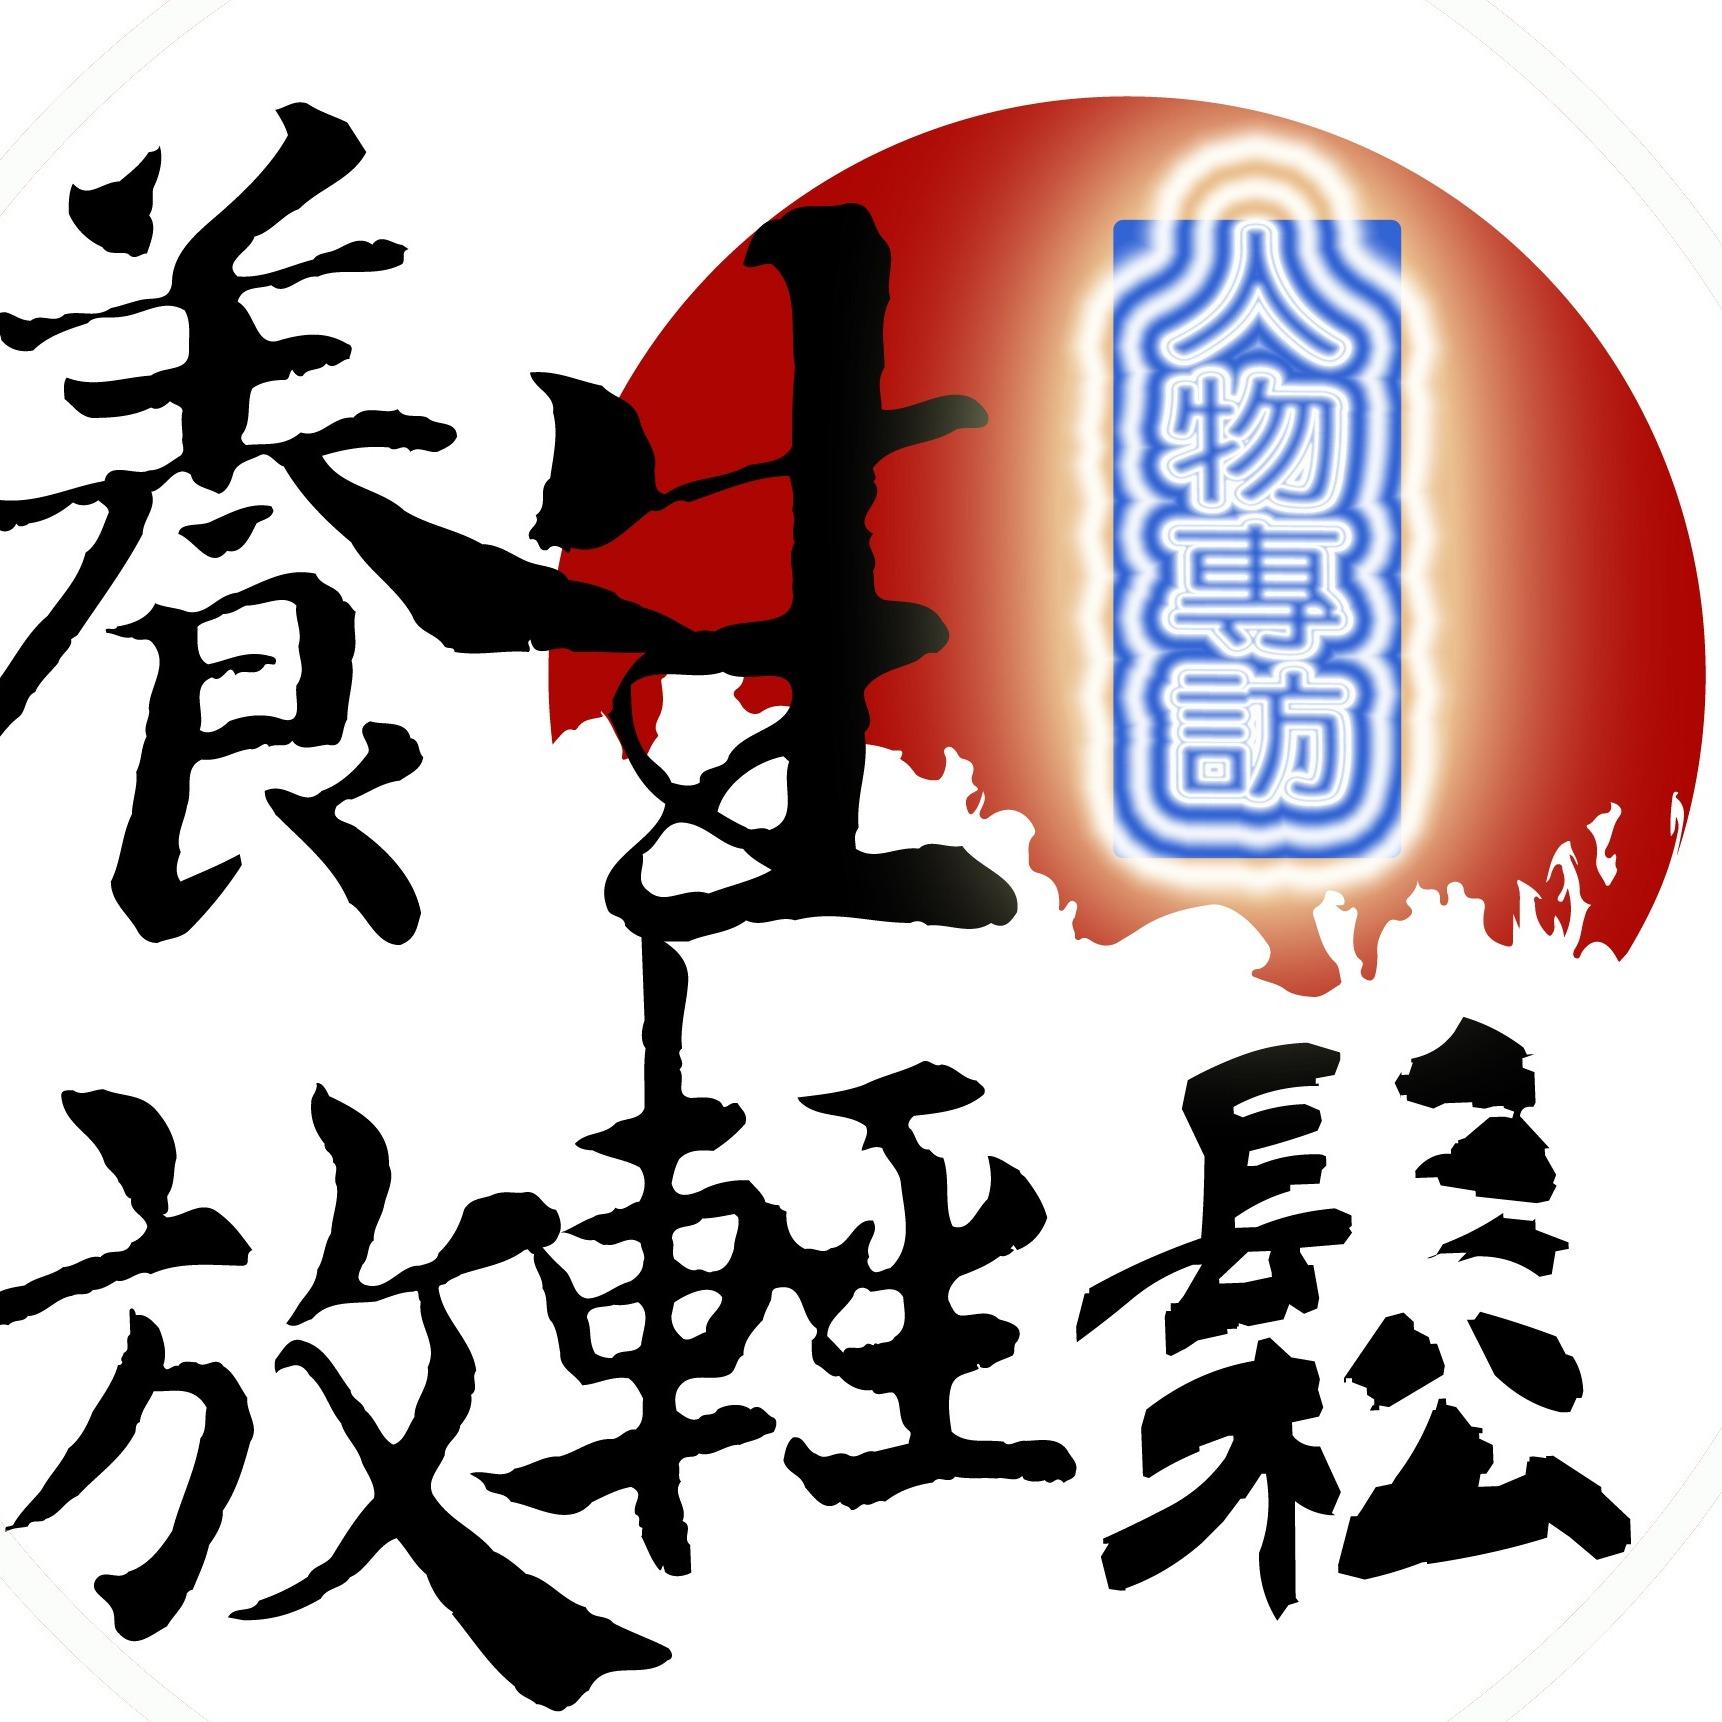 20190510 Ex.3 老年人如何養生保健(意成)